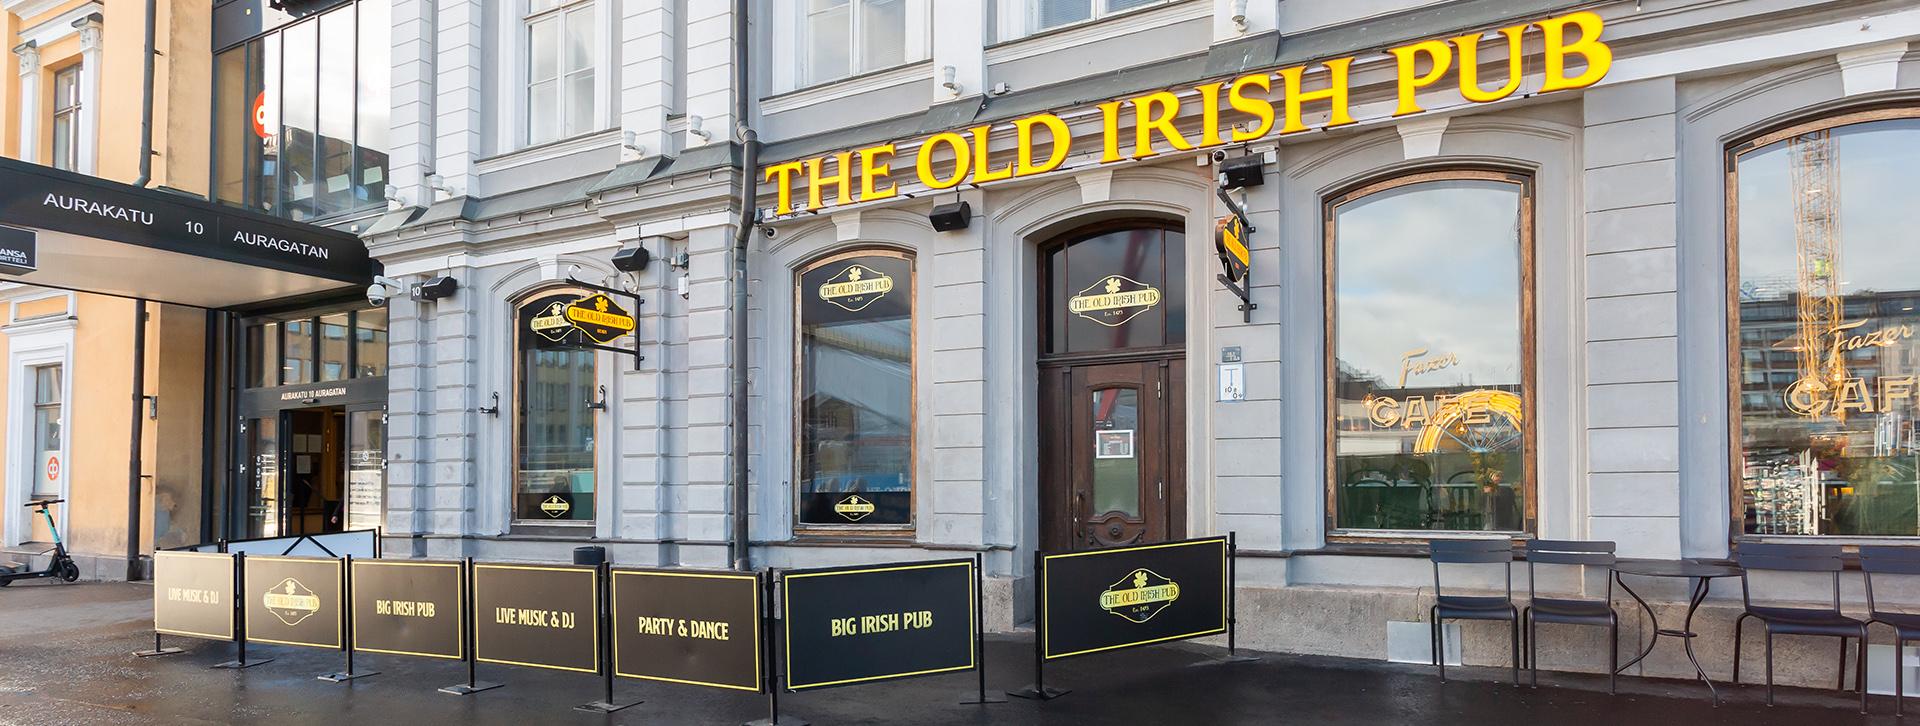 the-old-irish-pub